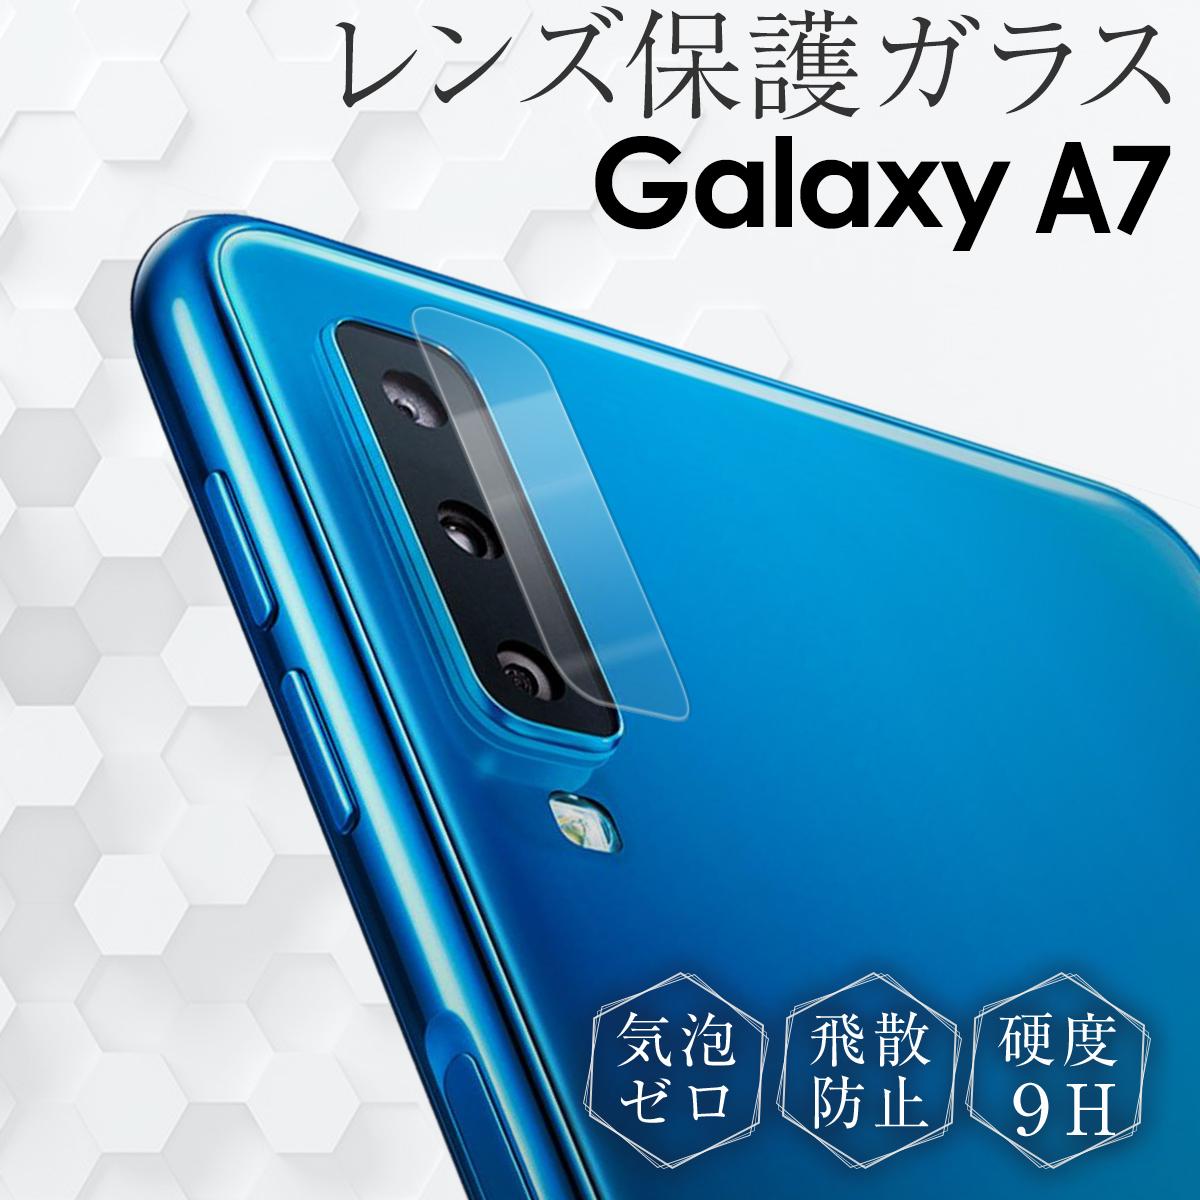 スマホフィルム Galaxy A7 レンズ保護強化ガラスフィルム レンズ 保護 ギャラクシー レンズ保護 フィルム キズ防止 人気 おすすめ